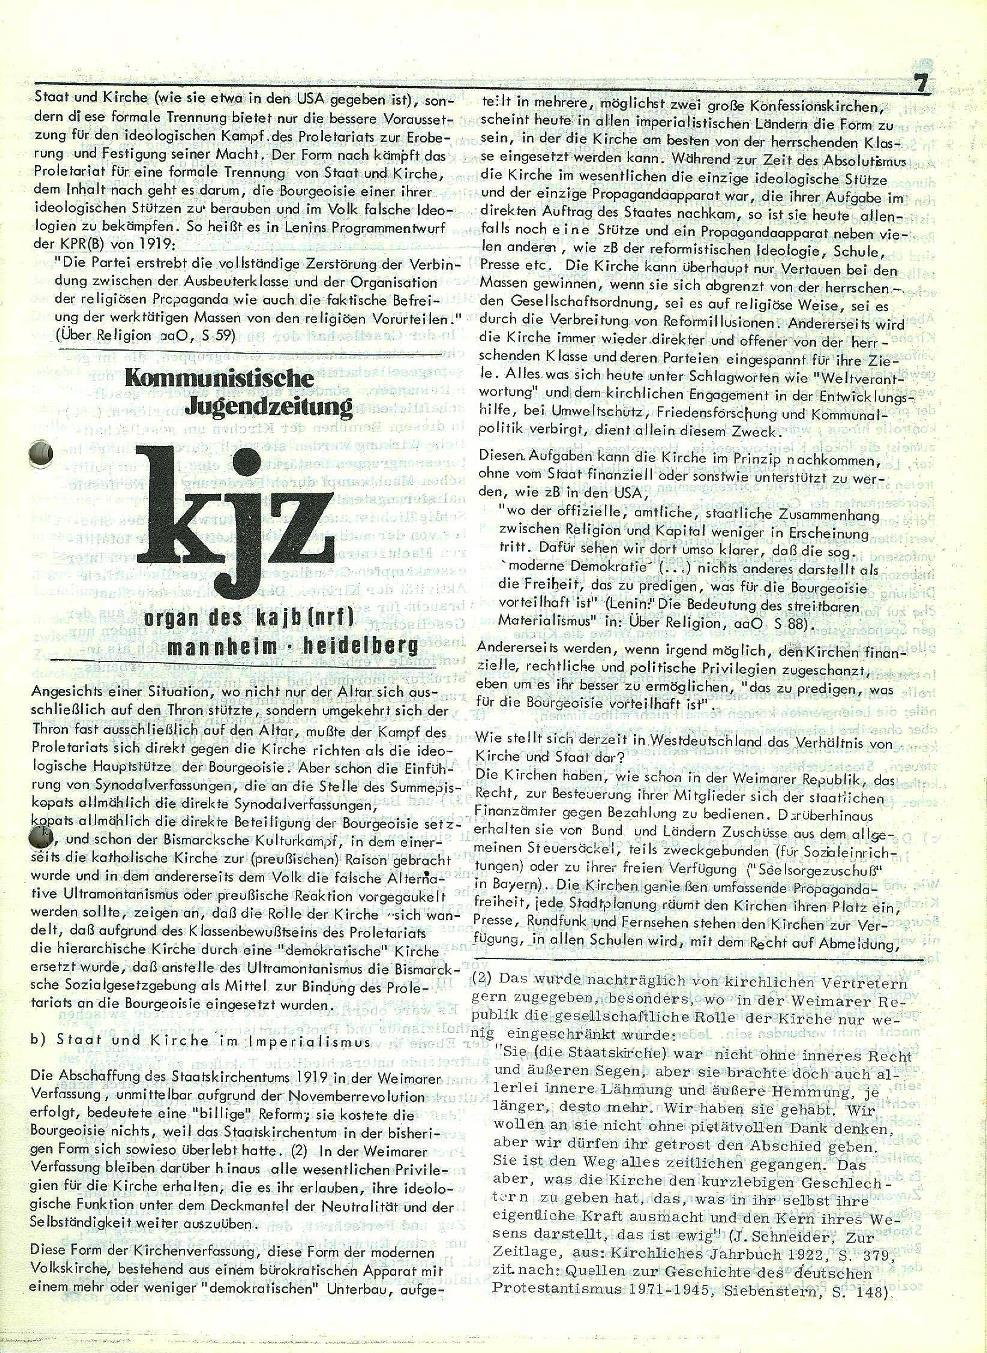 Heidelberg_Theologie_1973_03_07